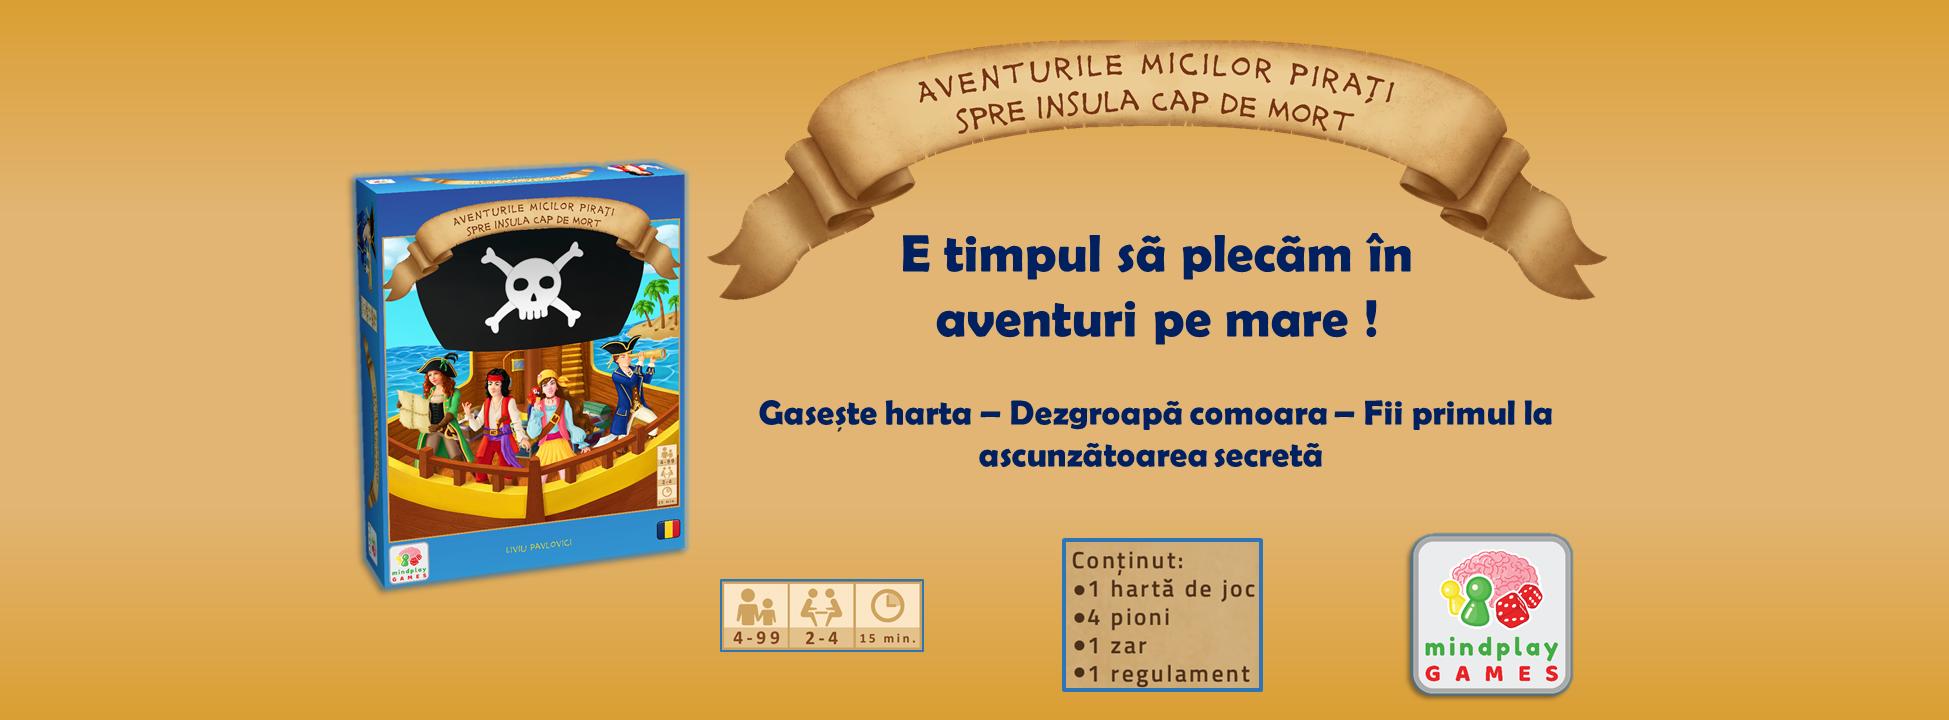 mindplay_aventurile_micilor_pirati